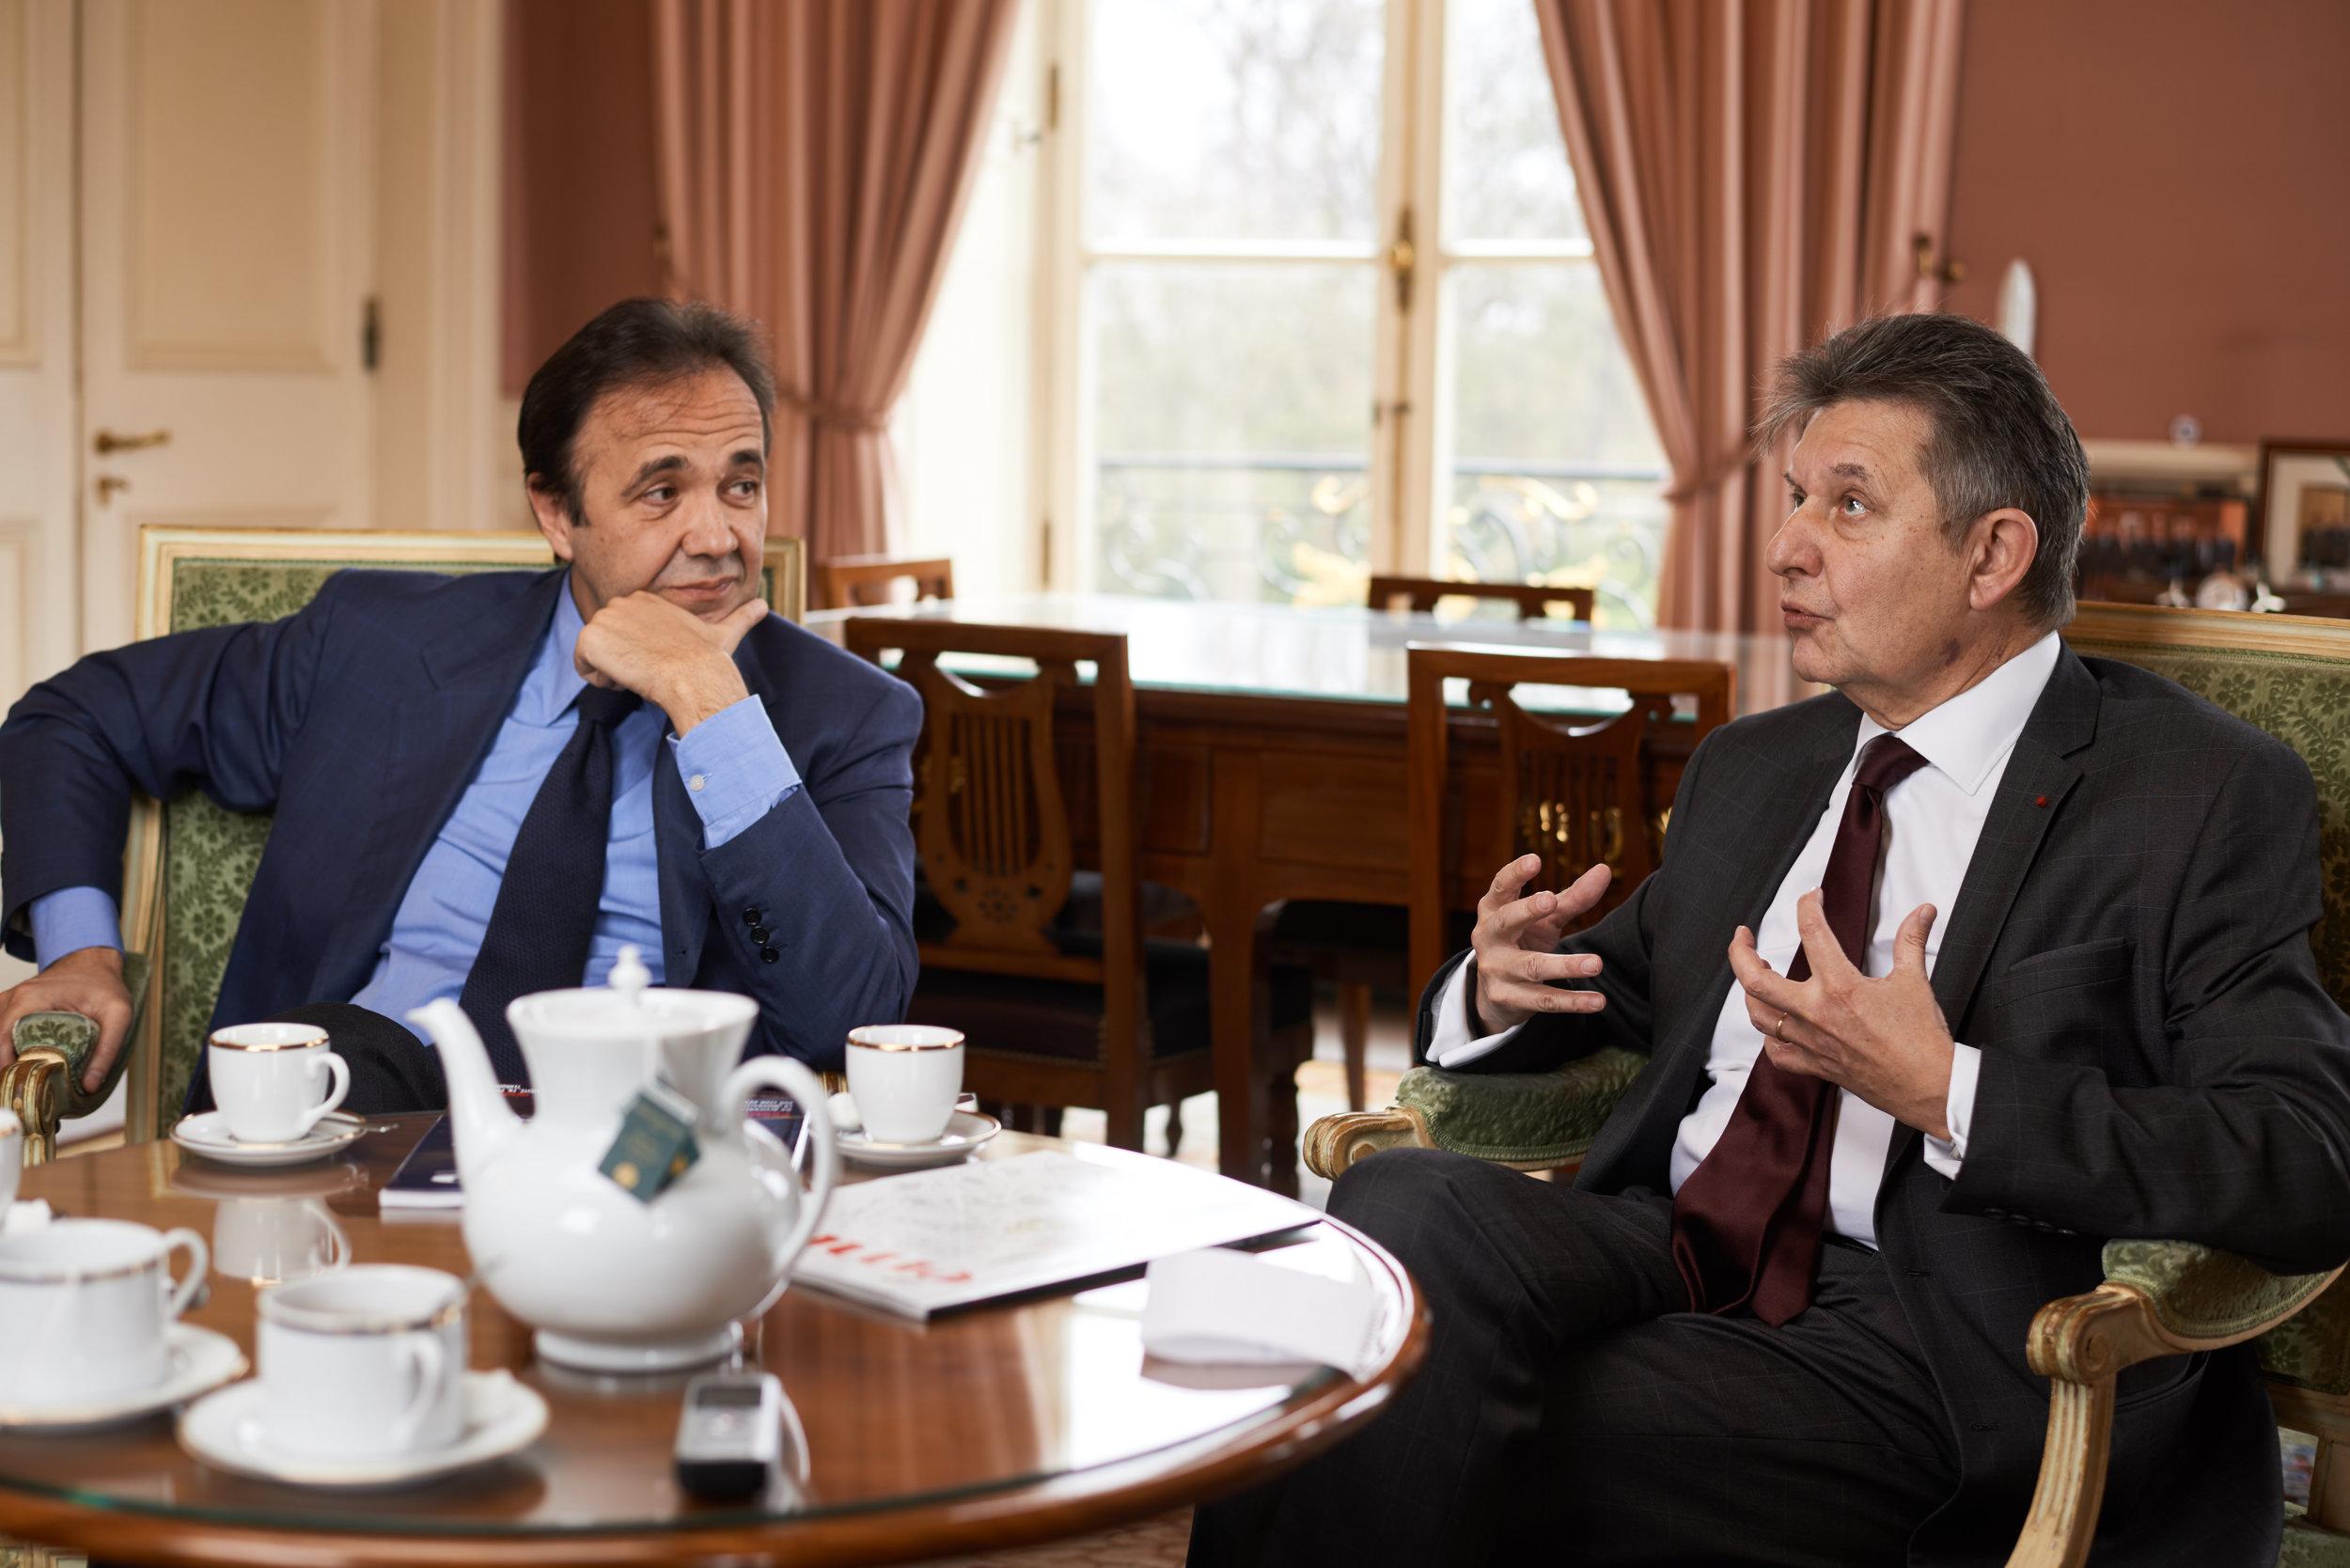 Frédéric Salat-Baroux, secrétaire général de l'Élysée sous Jacques Chirac, et Jean-Pierre Jouyet, secrétaire général de l'Élysée sous François Hollande (crédits : Manuel Braun)